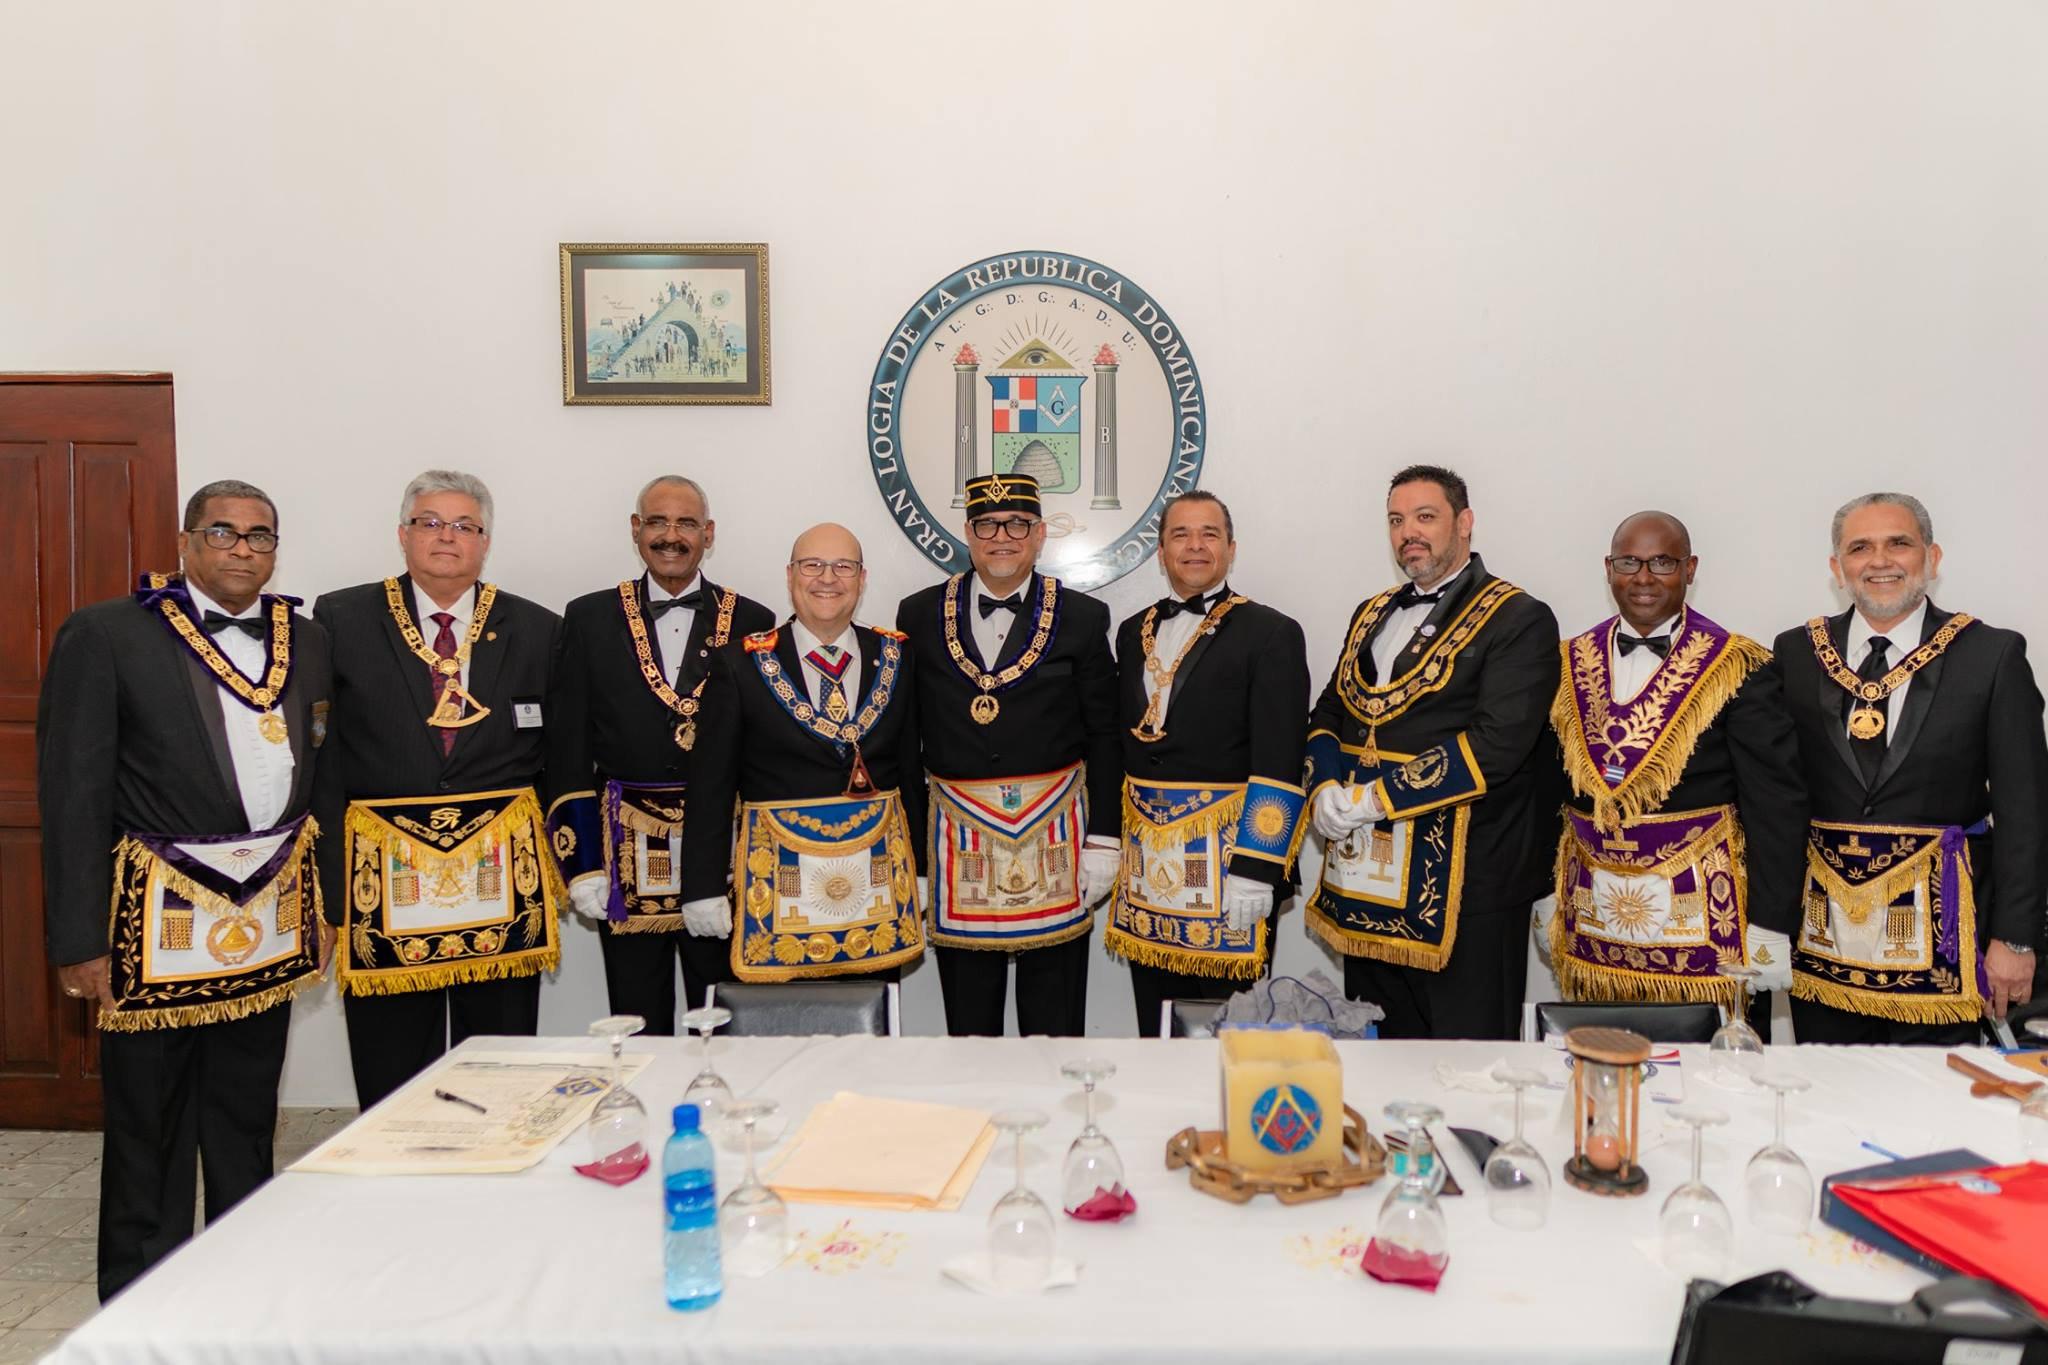 República Dominicana 161 años de masonería regular.